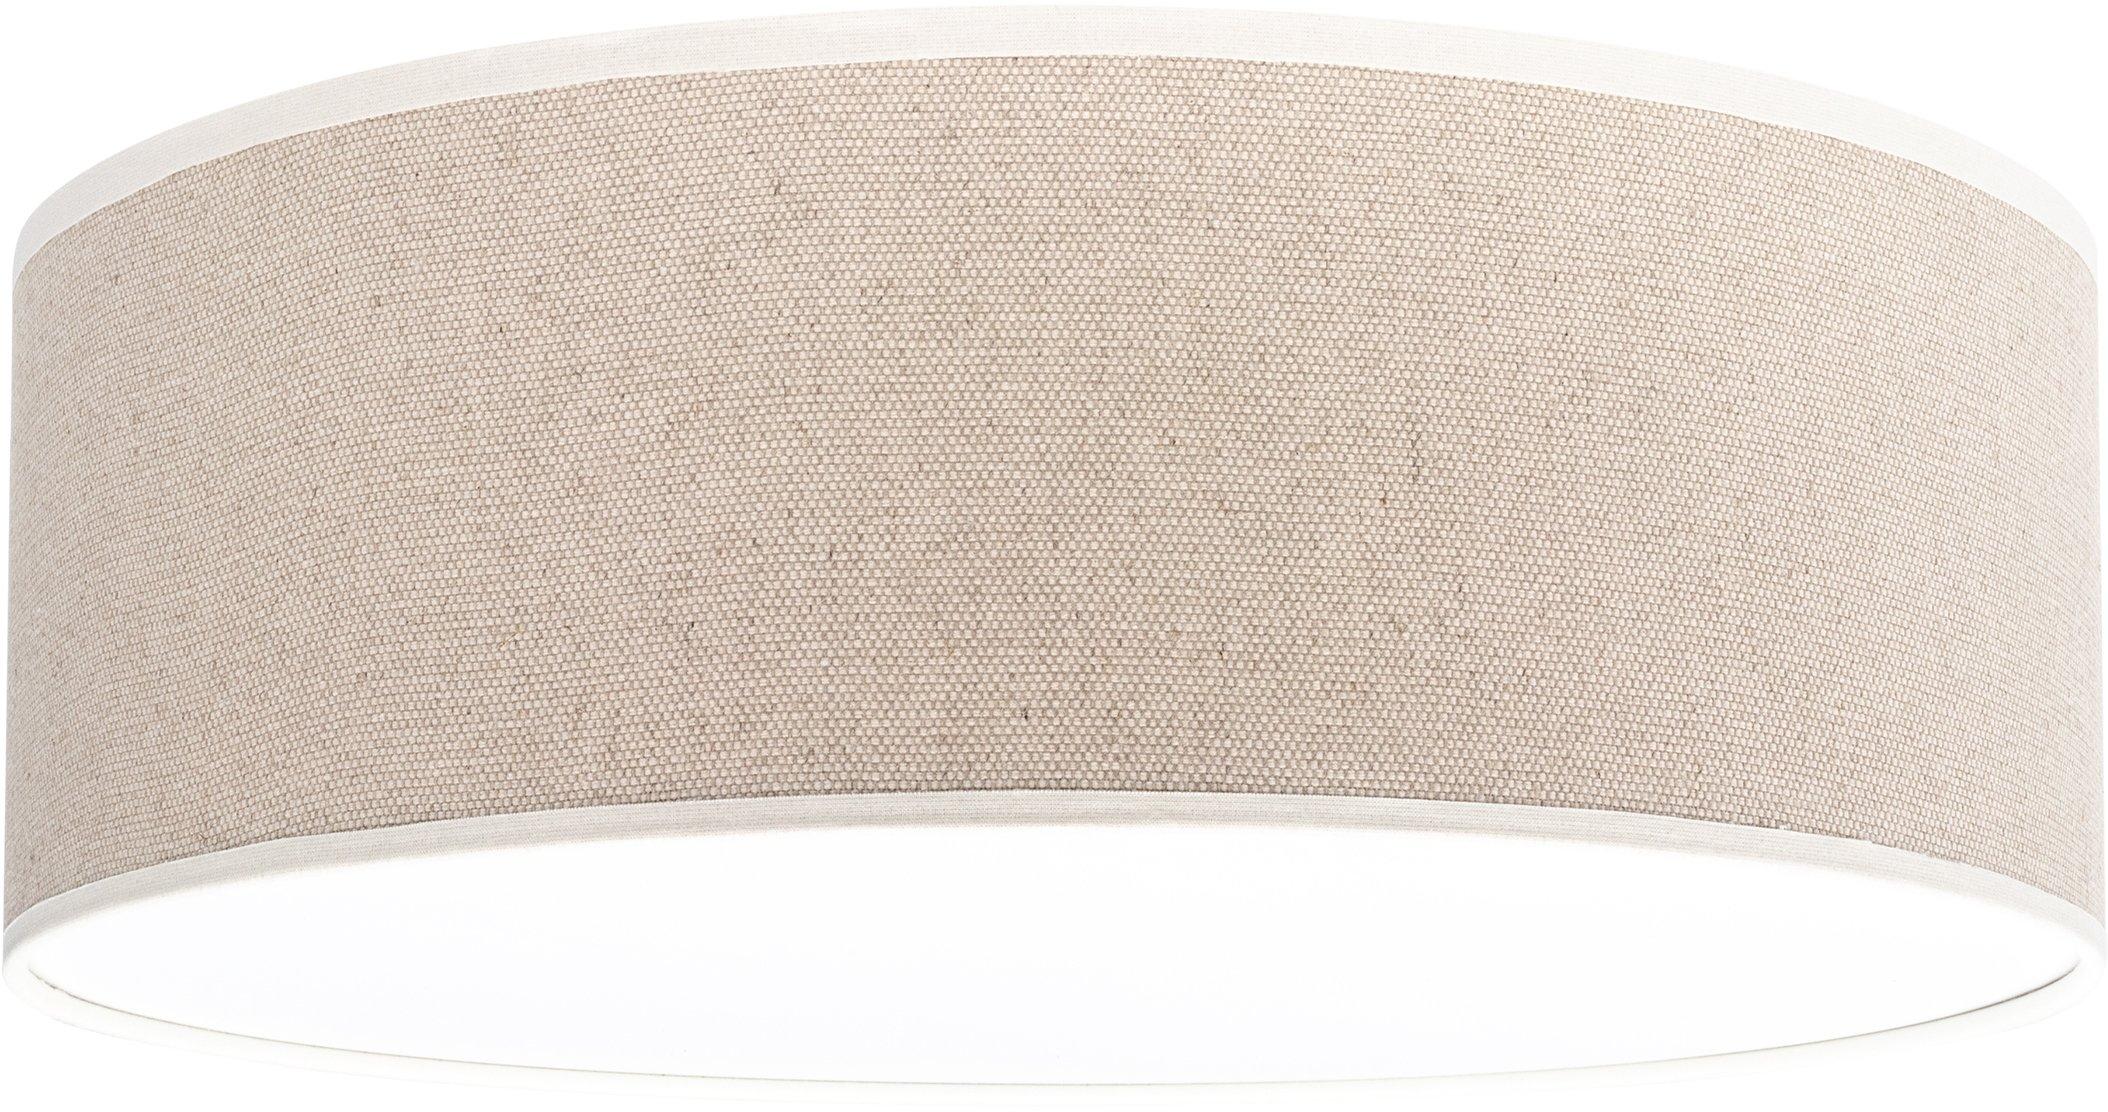 OTTO products plafondlamp »Emmo« bestellen: 30 dagen bedenktijd